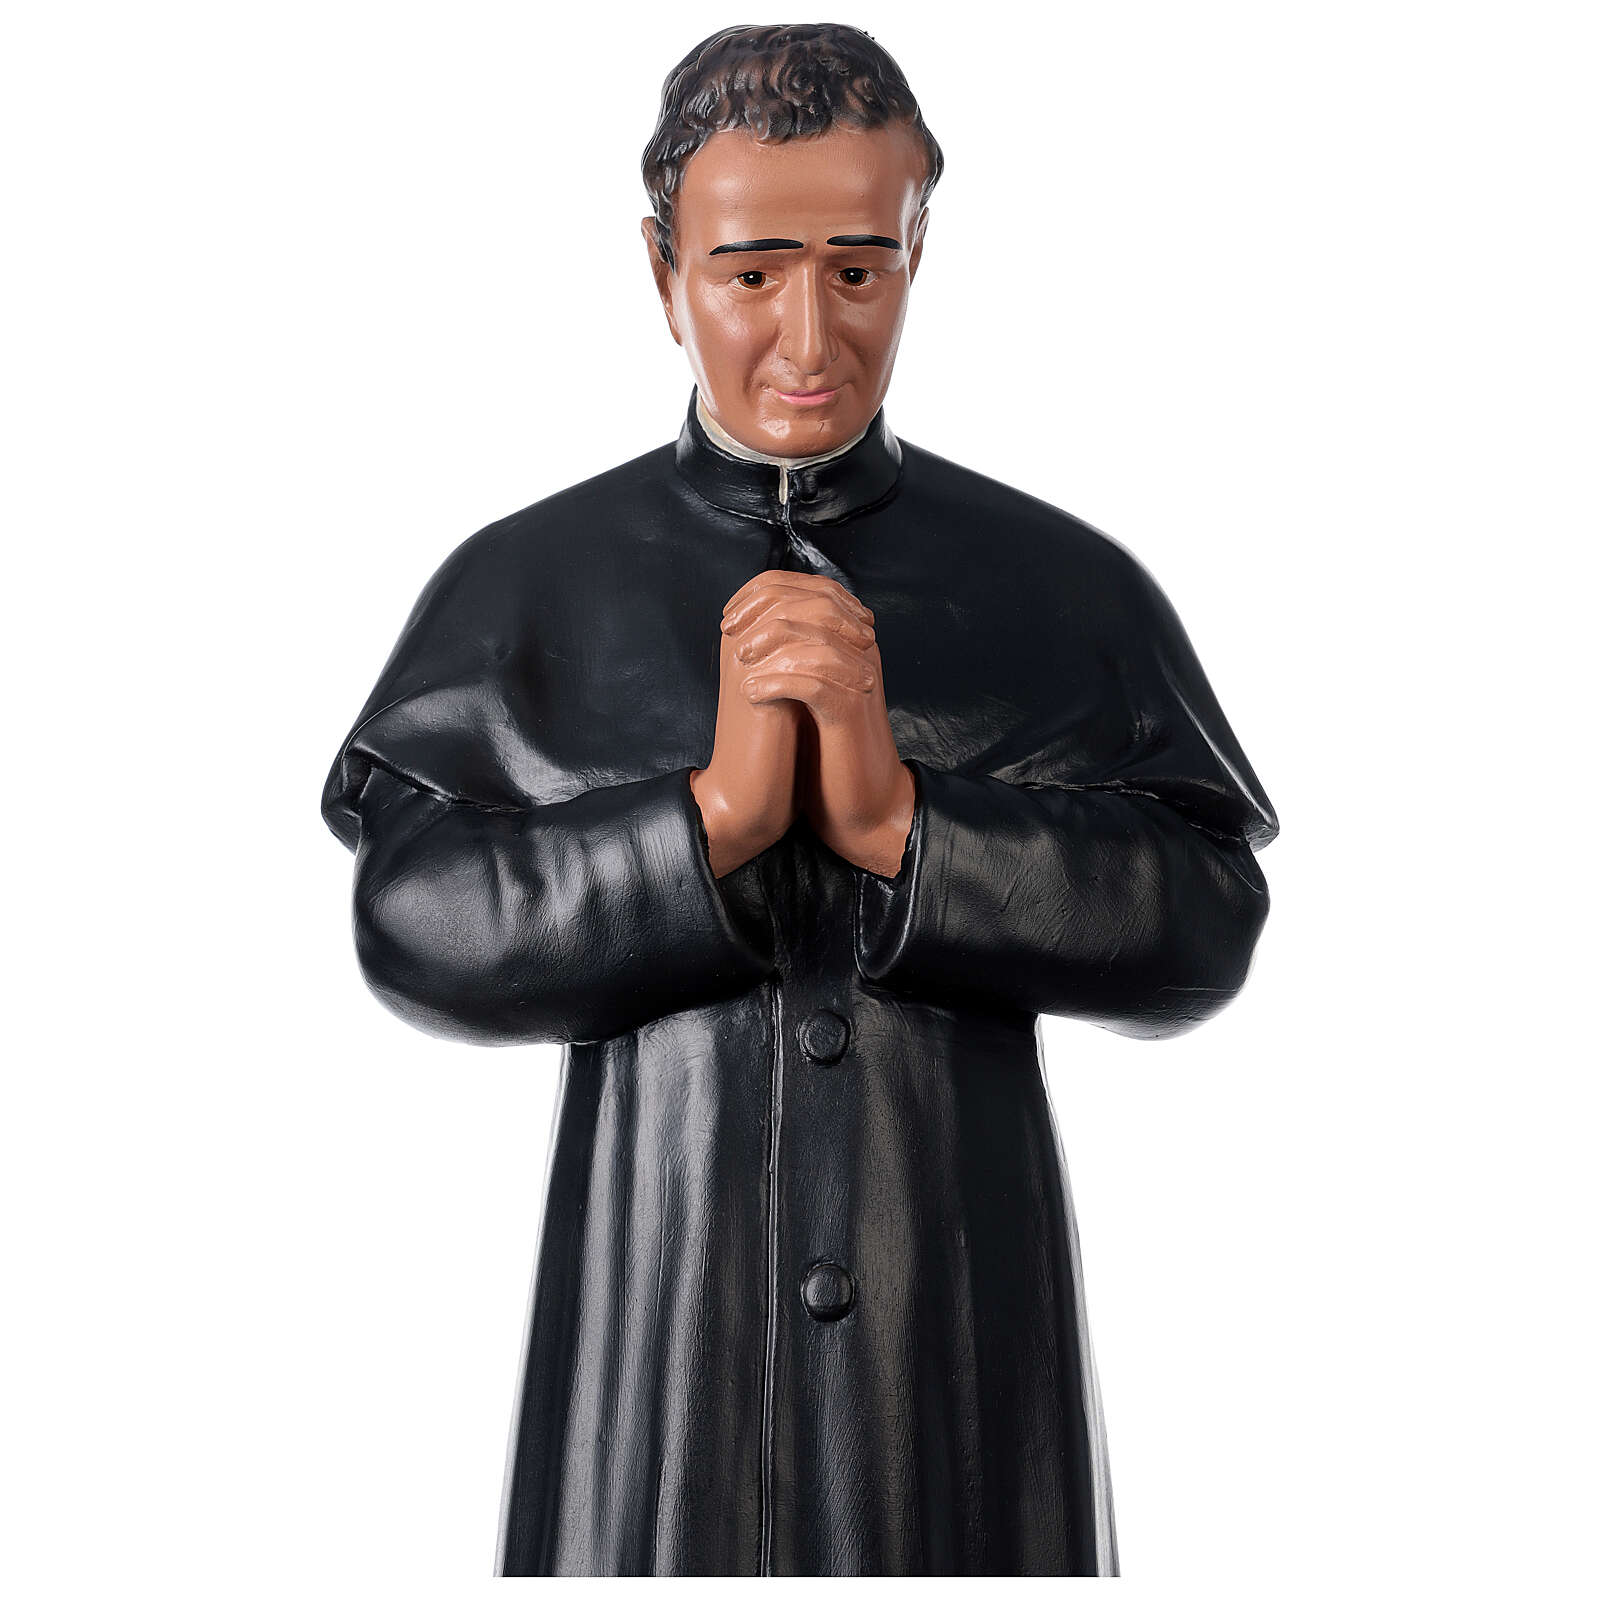 Saint John Bosco plaster statue 24 in hand-painted Arte Barsanti 4